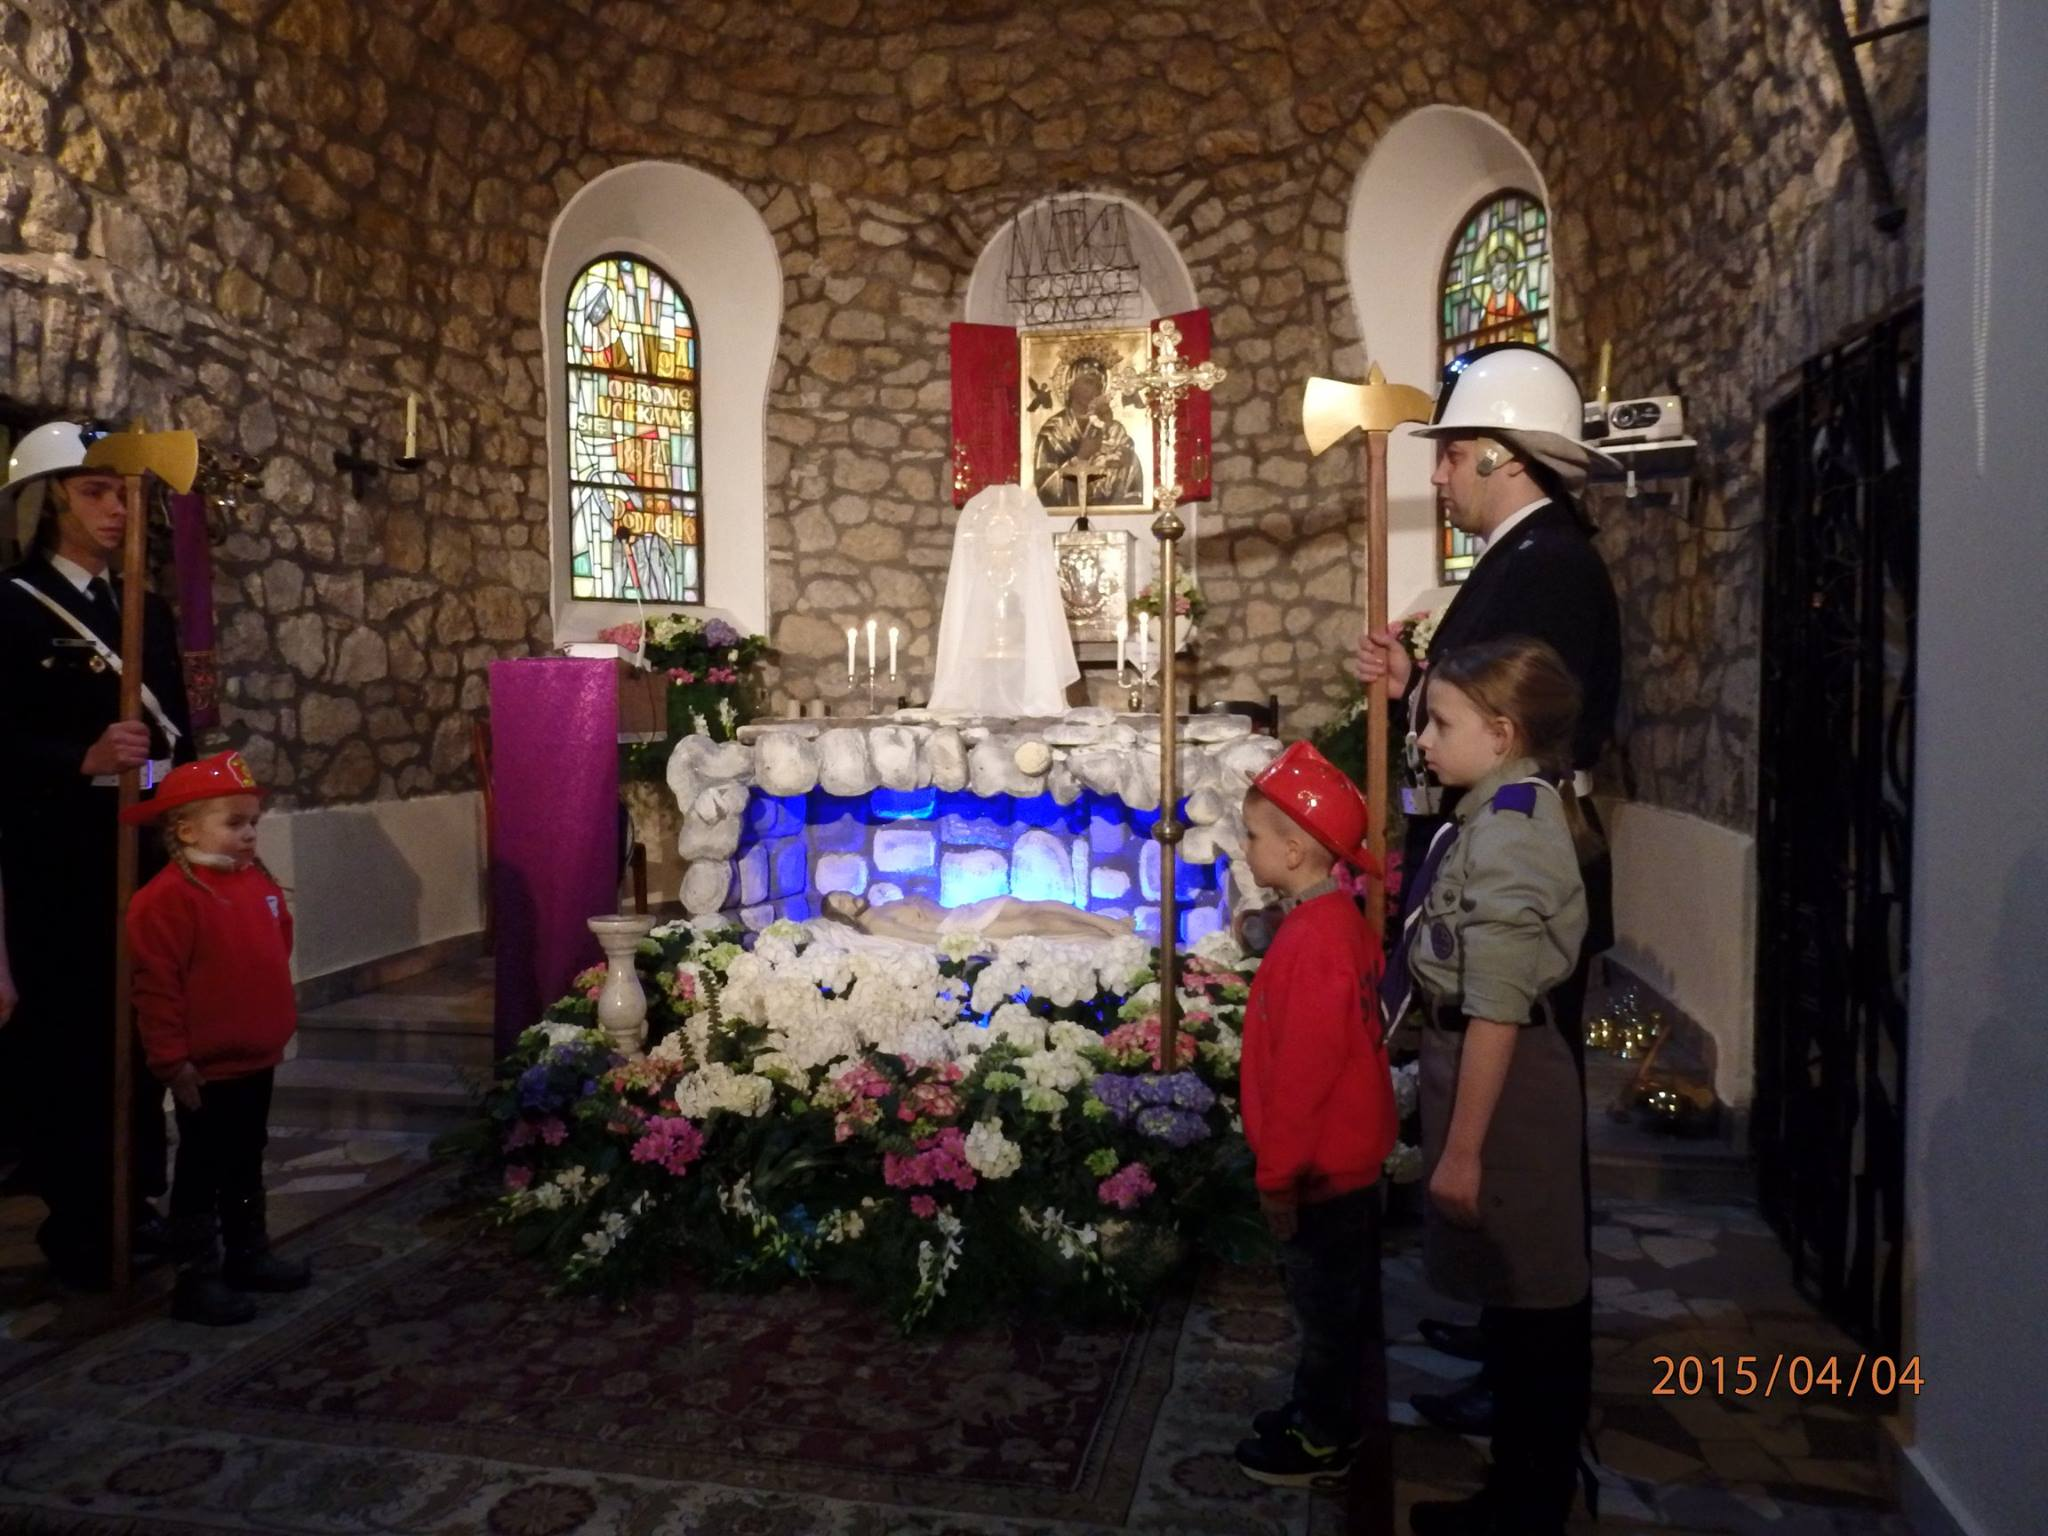 Czuwanie przy grobie Pana Jezusa Przedszkolnej Drużyny Strażackiej 04.04.2015